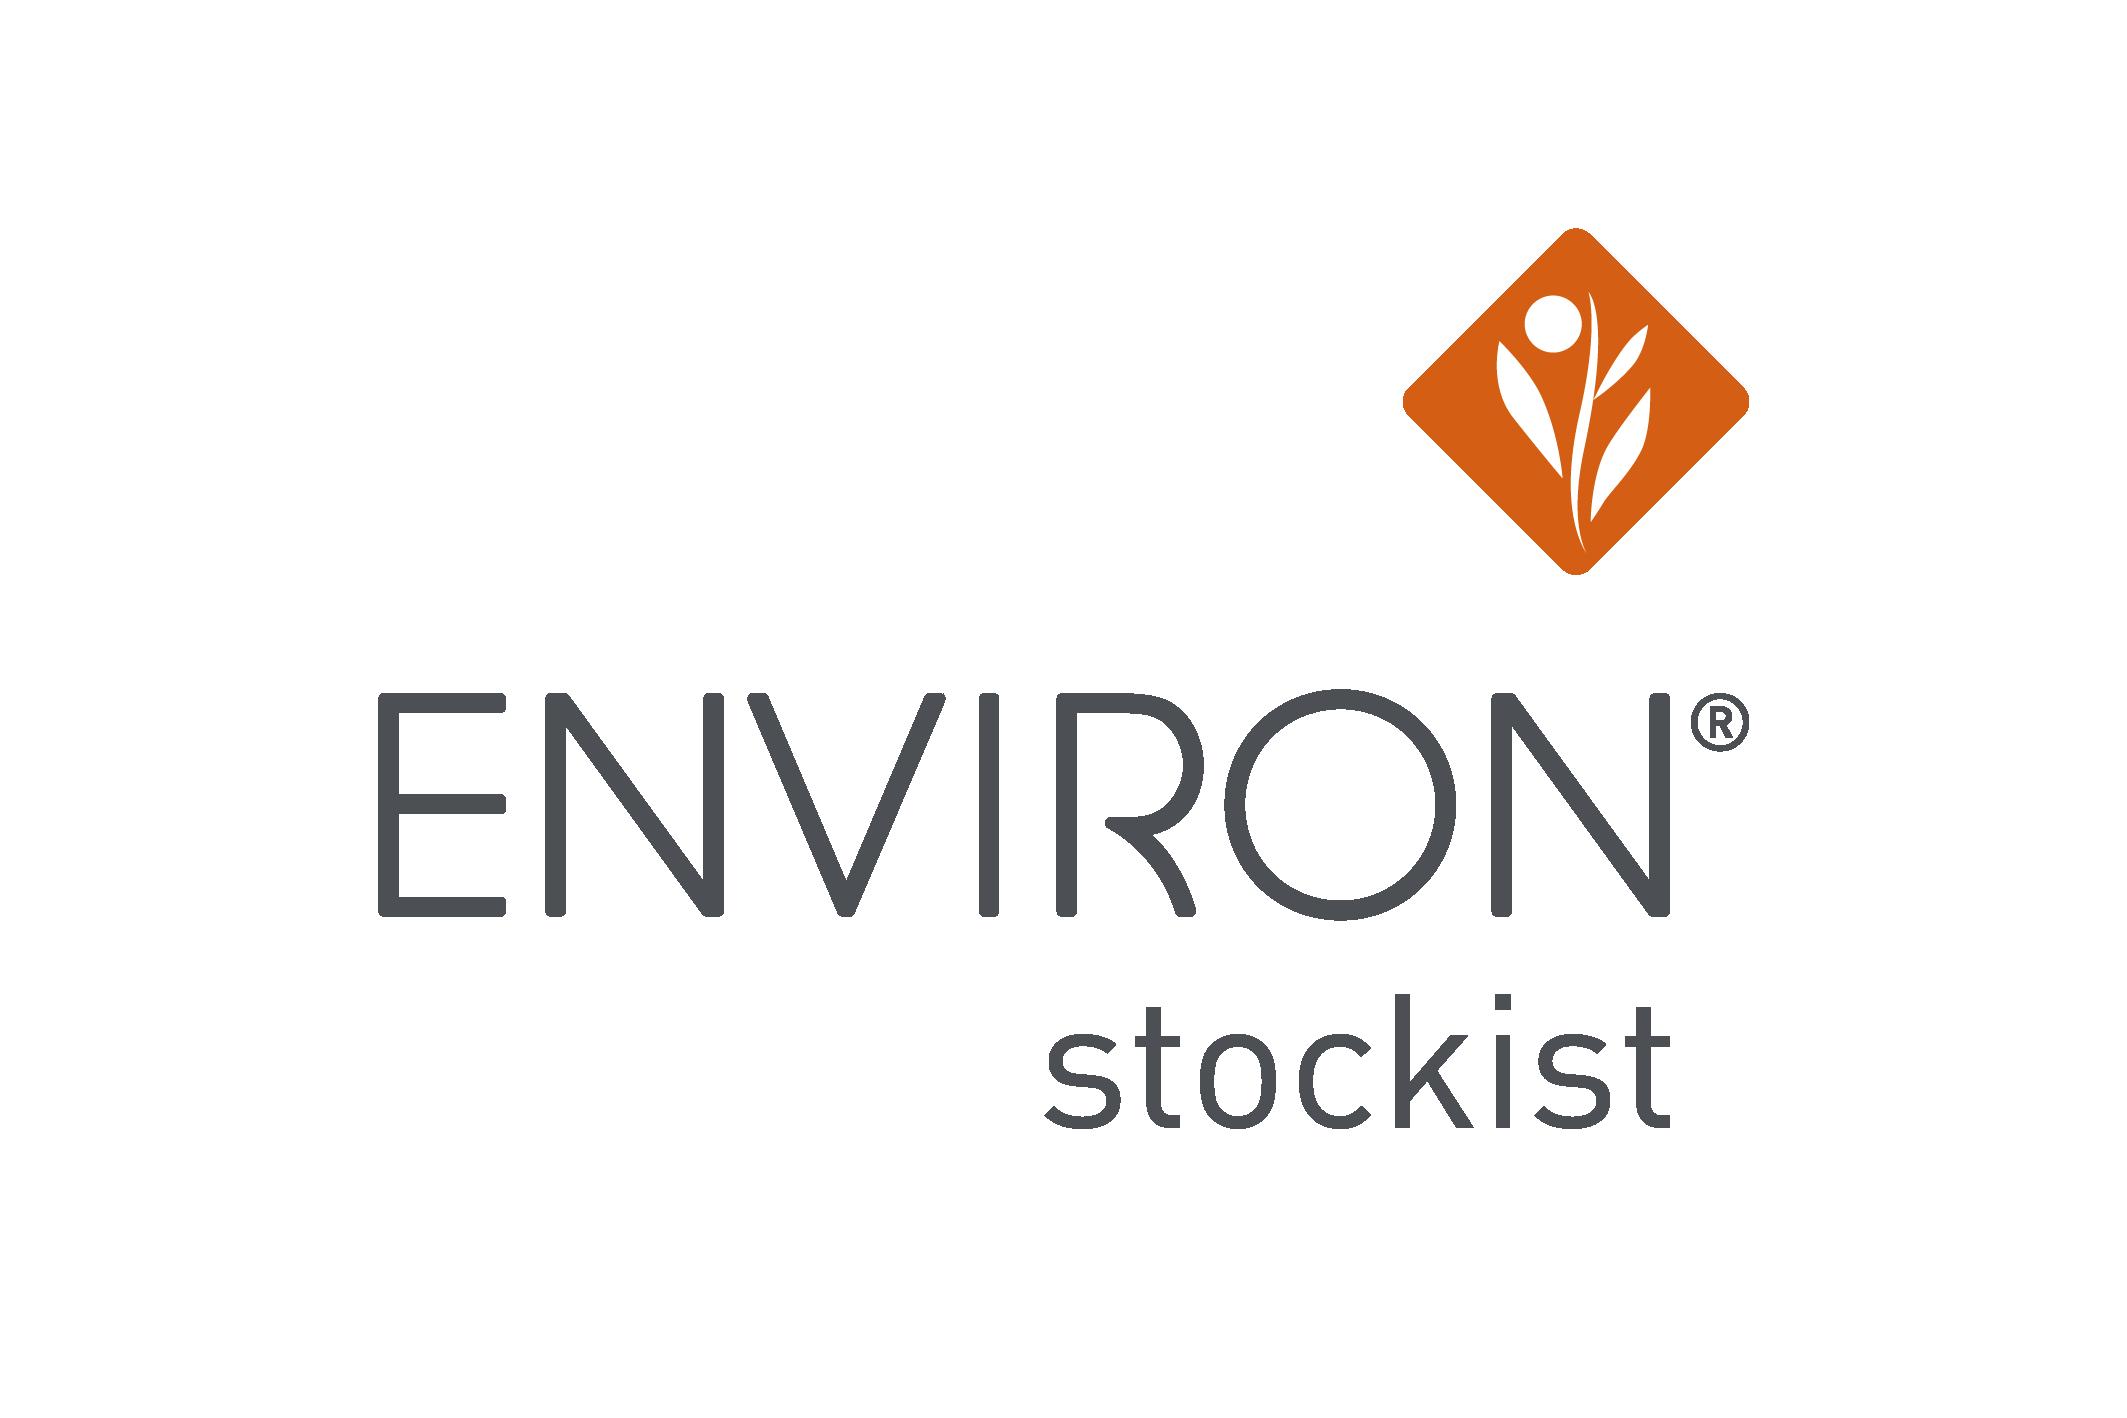 ENVIRON - Stockist